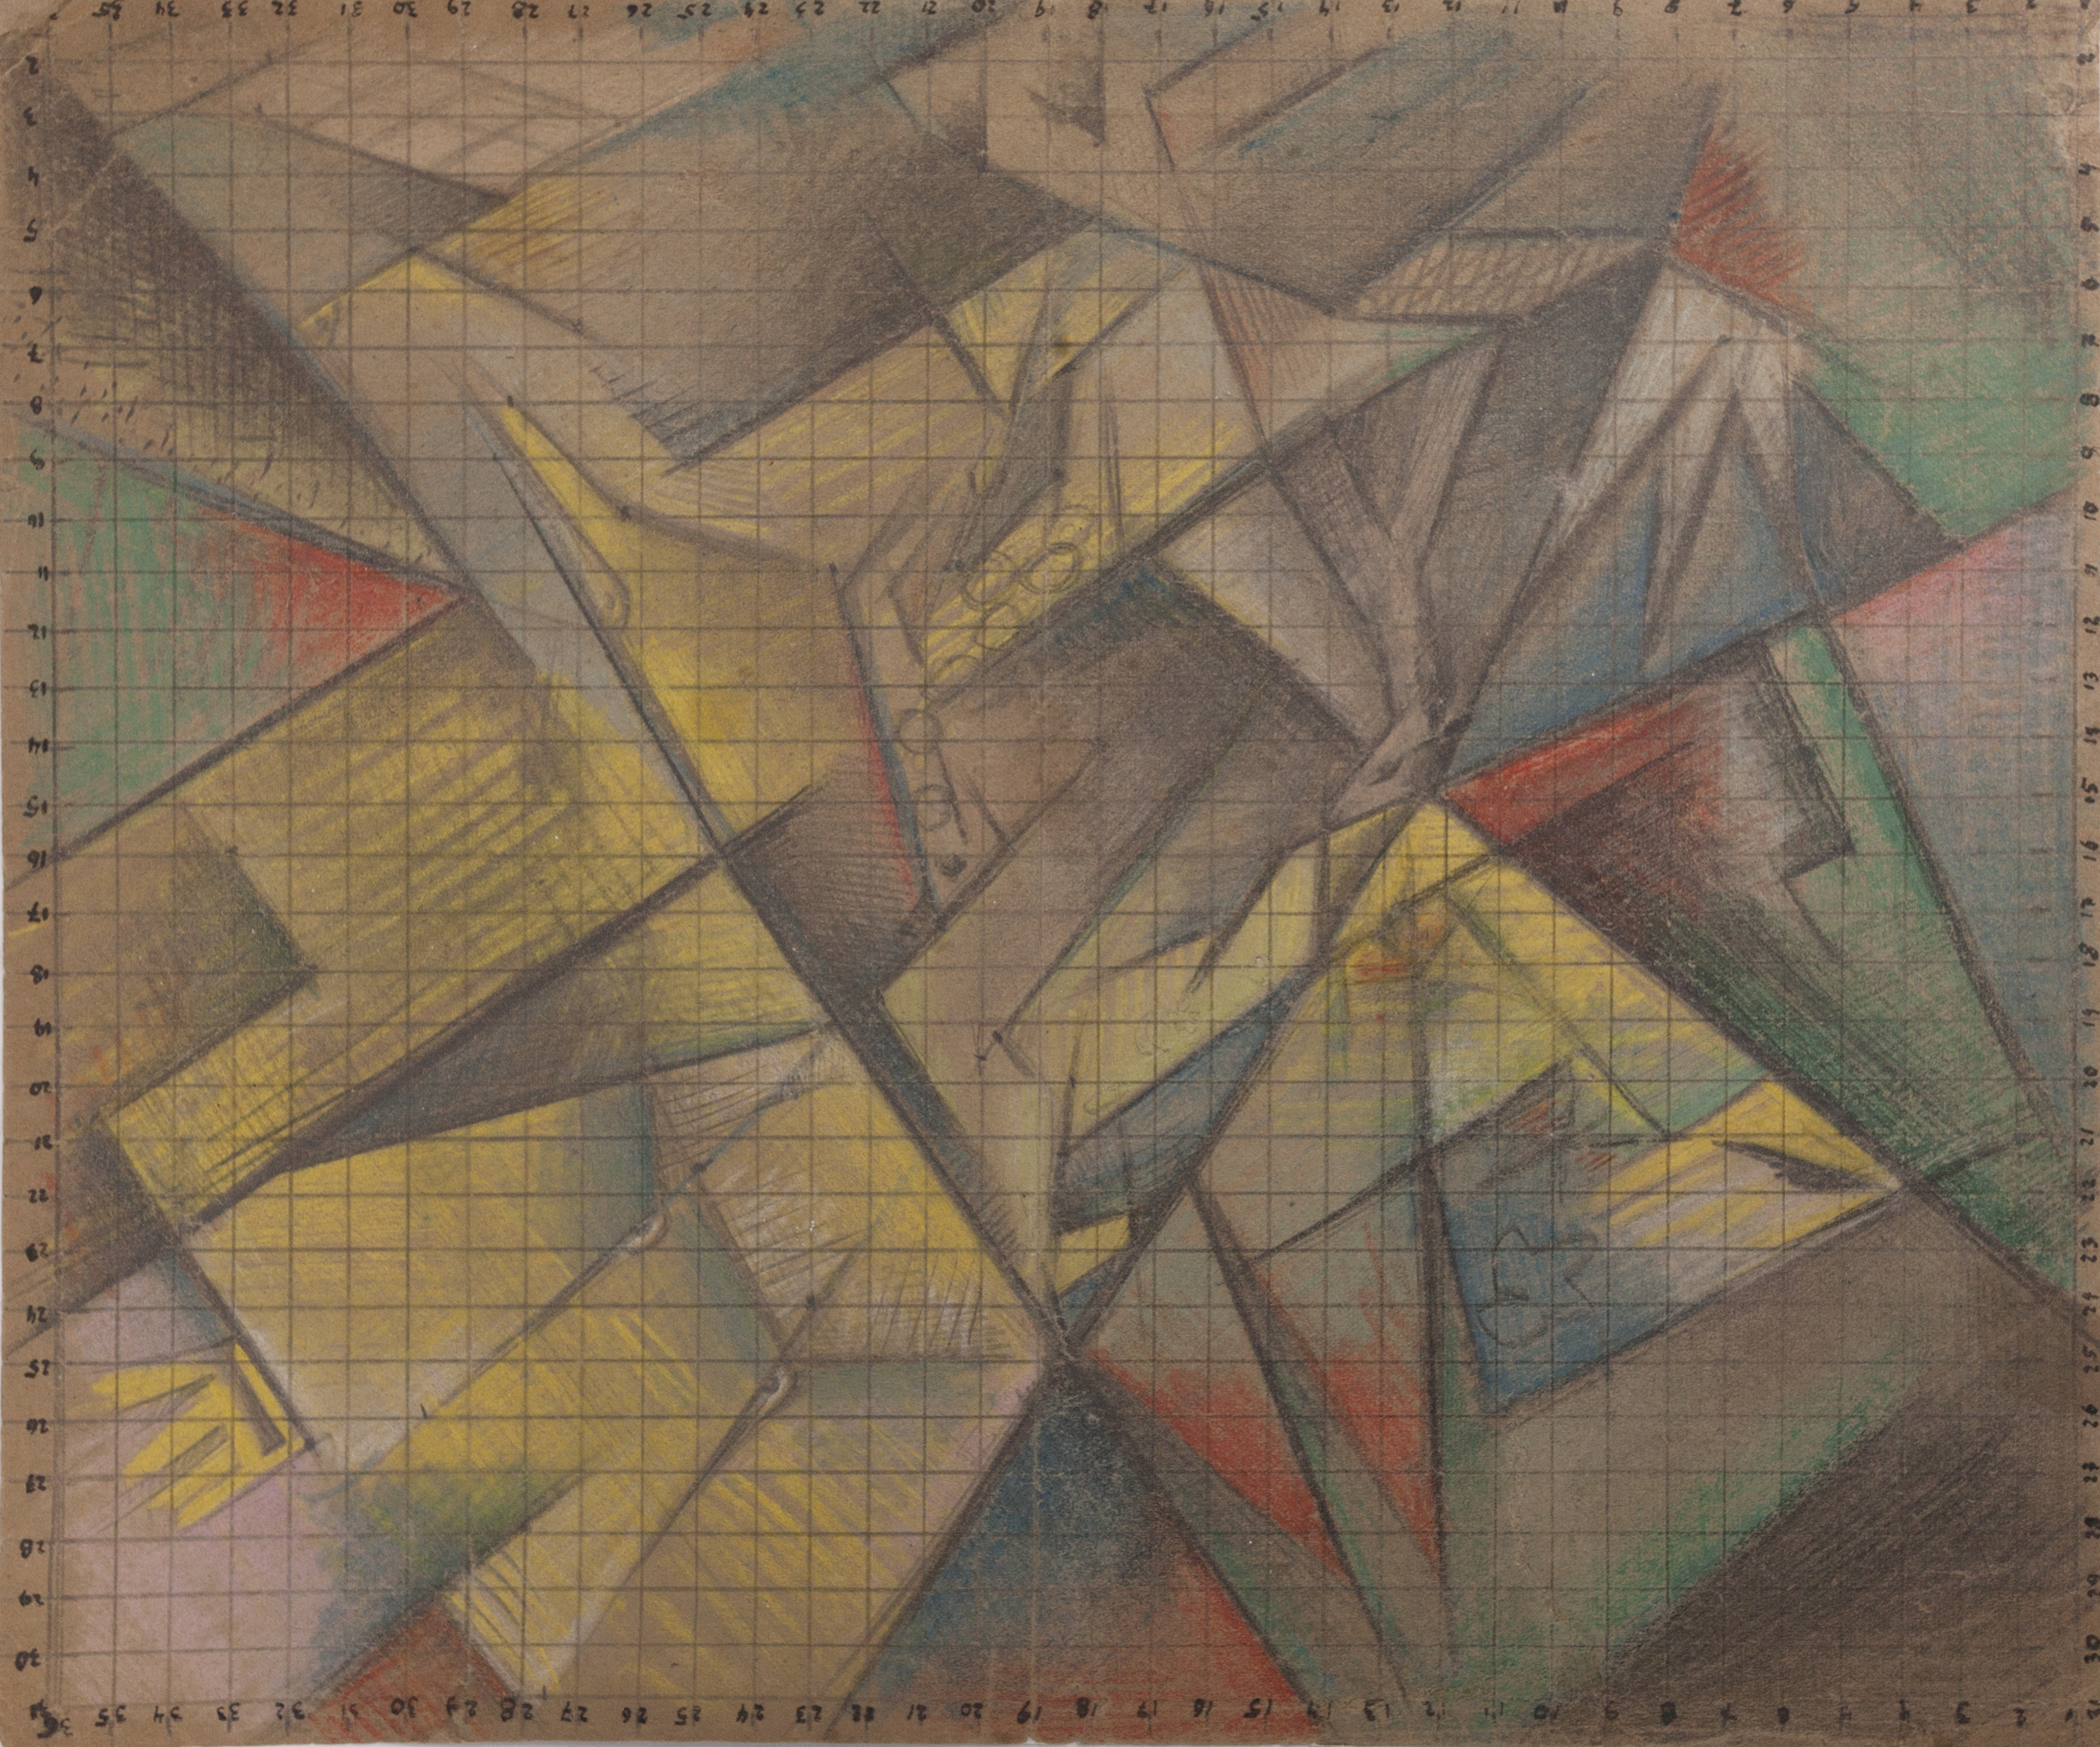 STANISŁAW KUBICKI (1889 - 1942), KOMPOZYCJA Z GŁOWAMI ZWIERZĄT